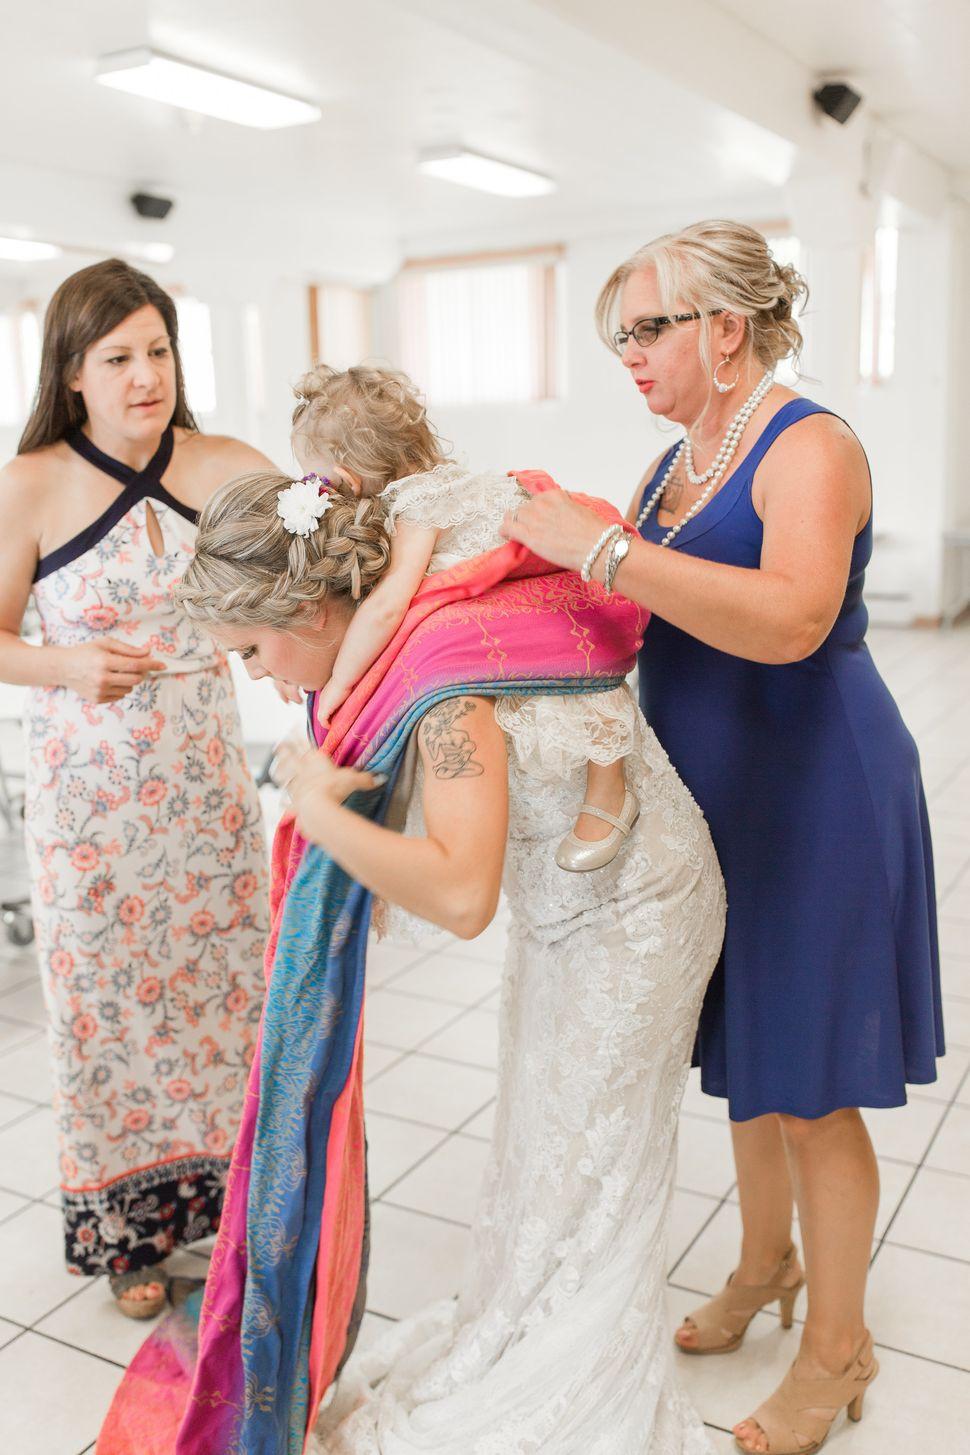 Laura Schaefer, da Fire and Gold Photography, disse que as fotos de Dalton ajeitando sua filhinha no sling lembram as de outras noivas colocando o véu de noiva.